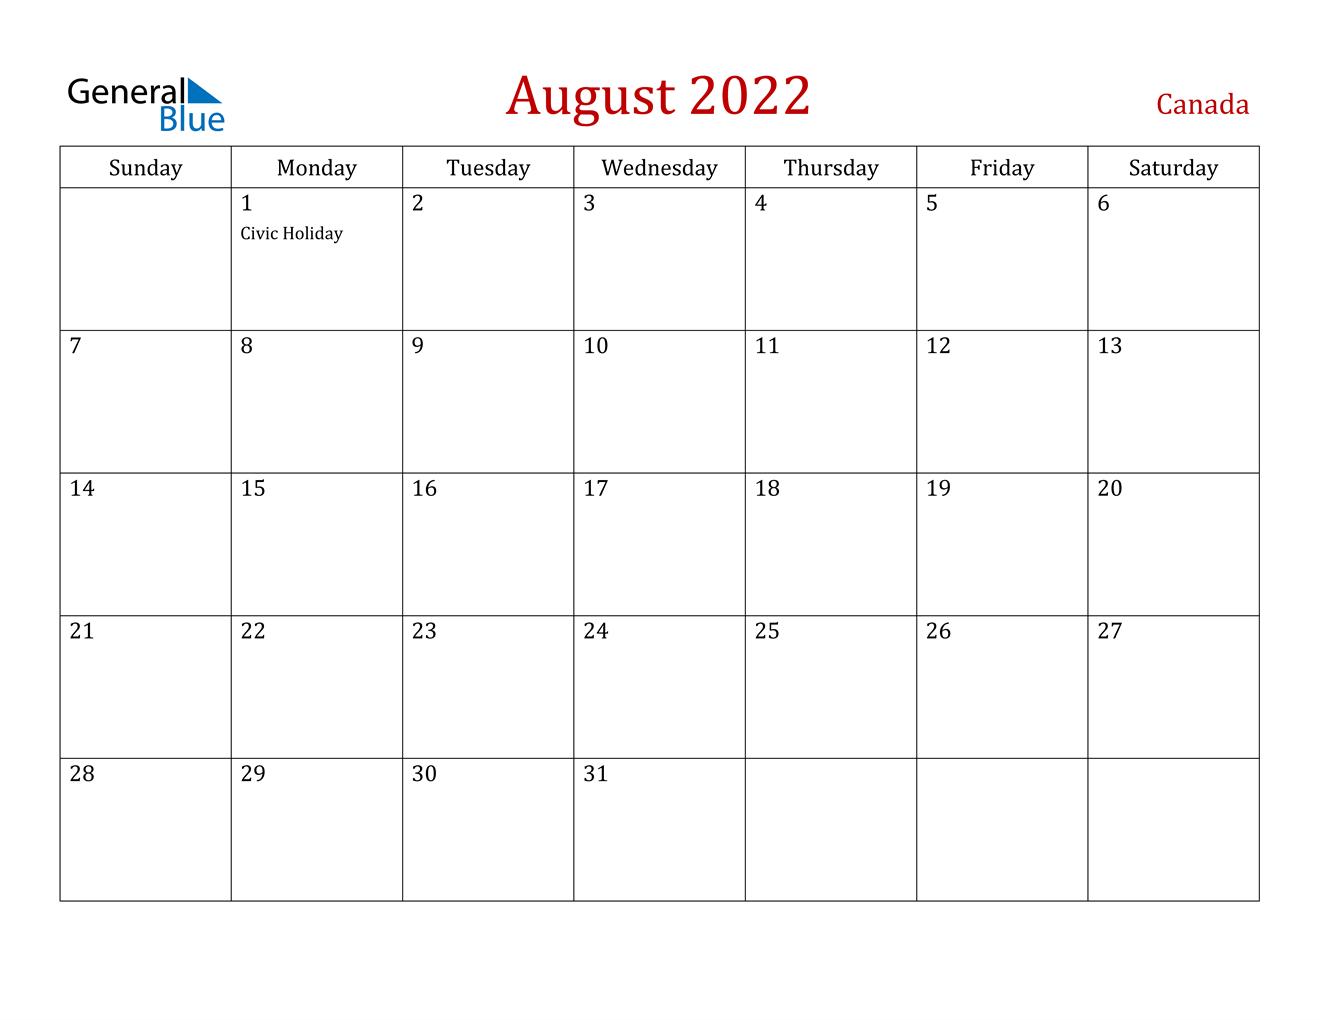 October 2022 Calendar Canada